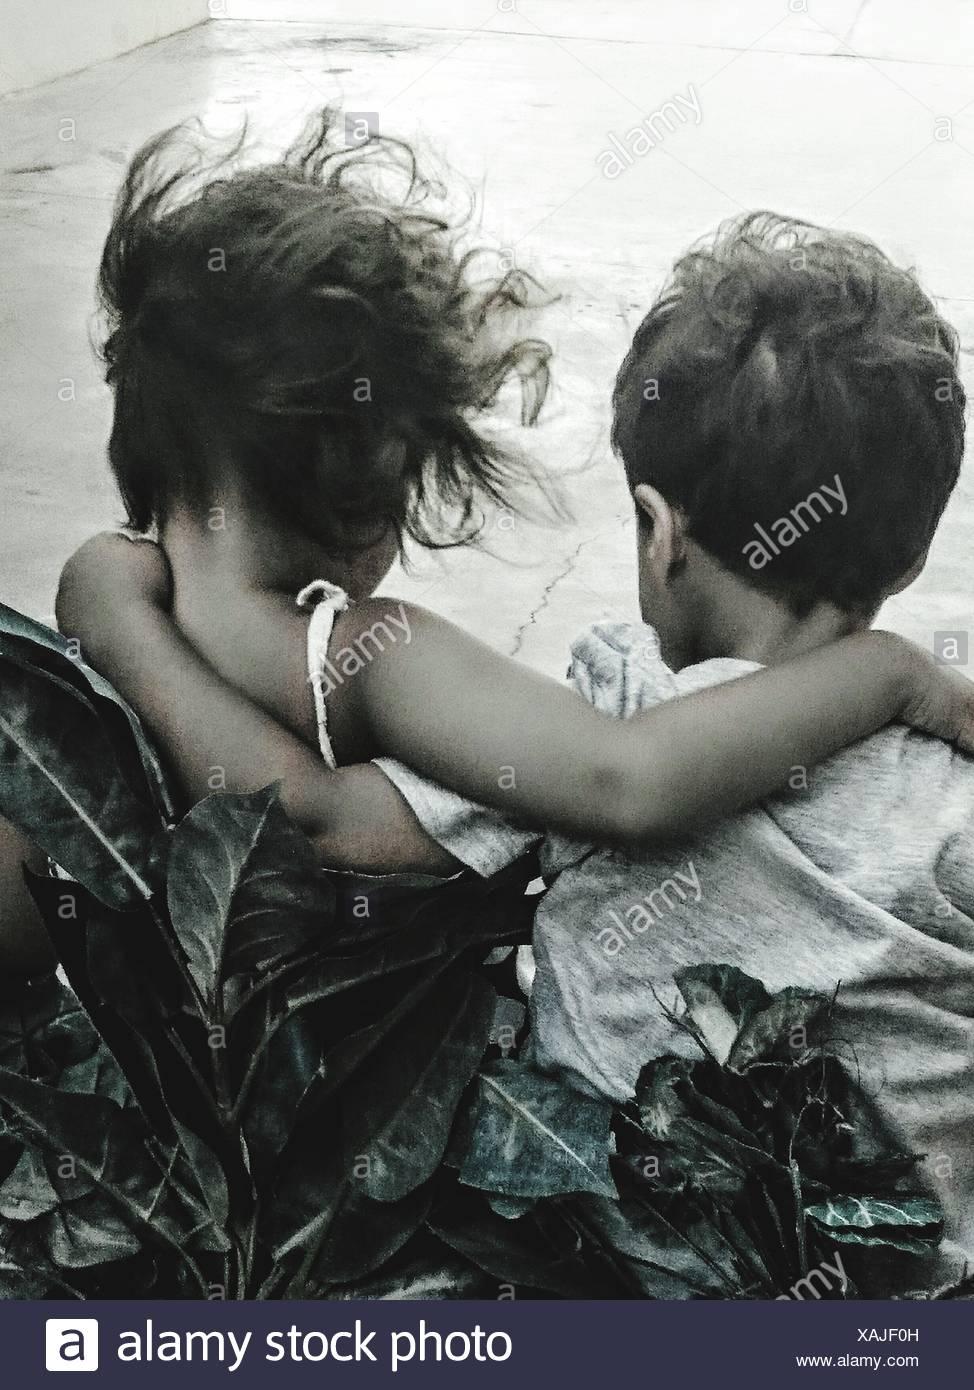 Vista trasera de hermanos con brazo alrededor afuera Imagen De Stock